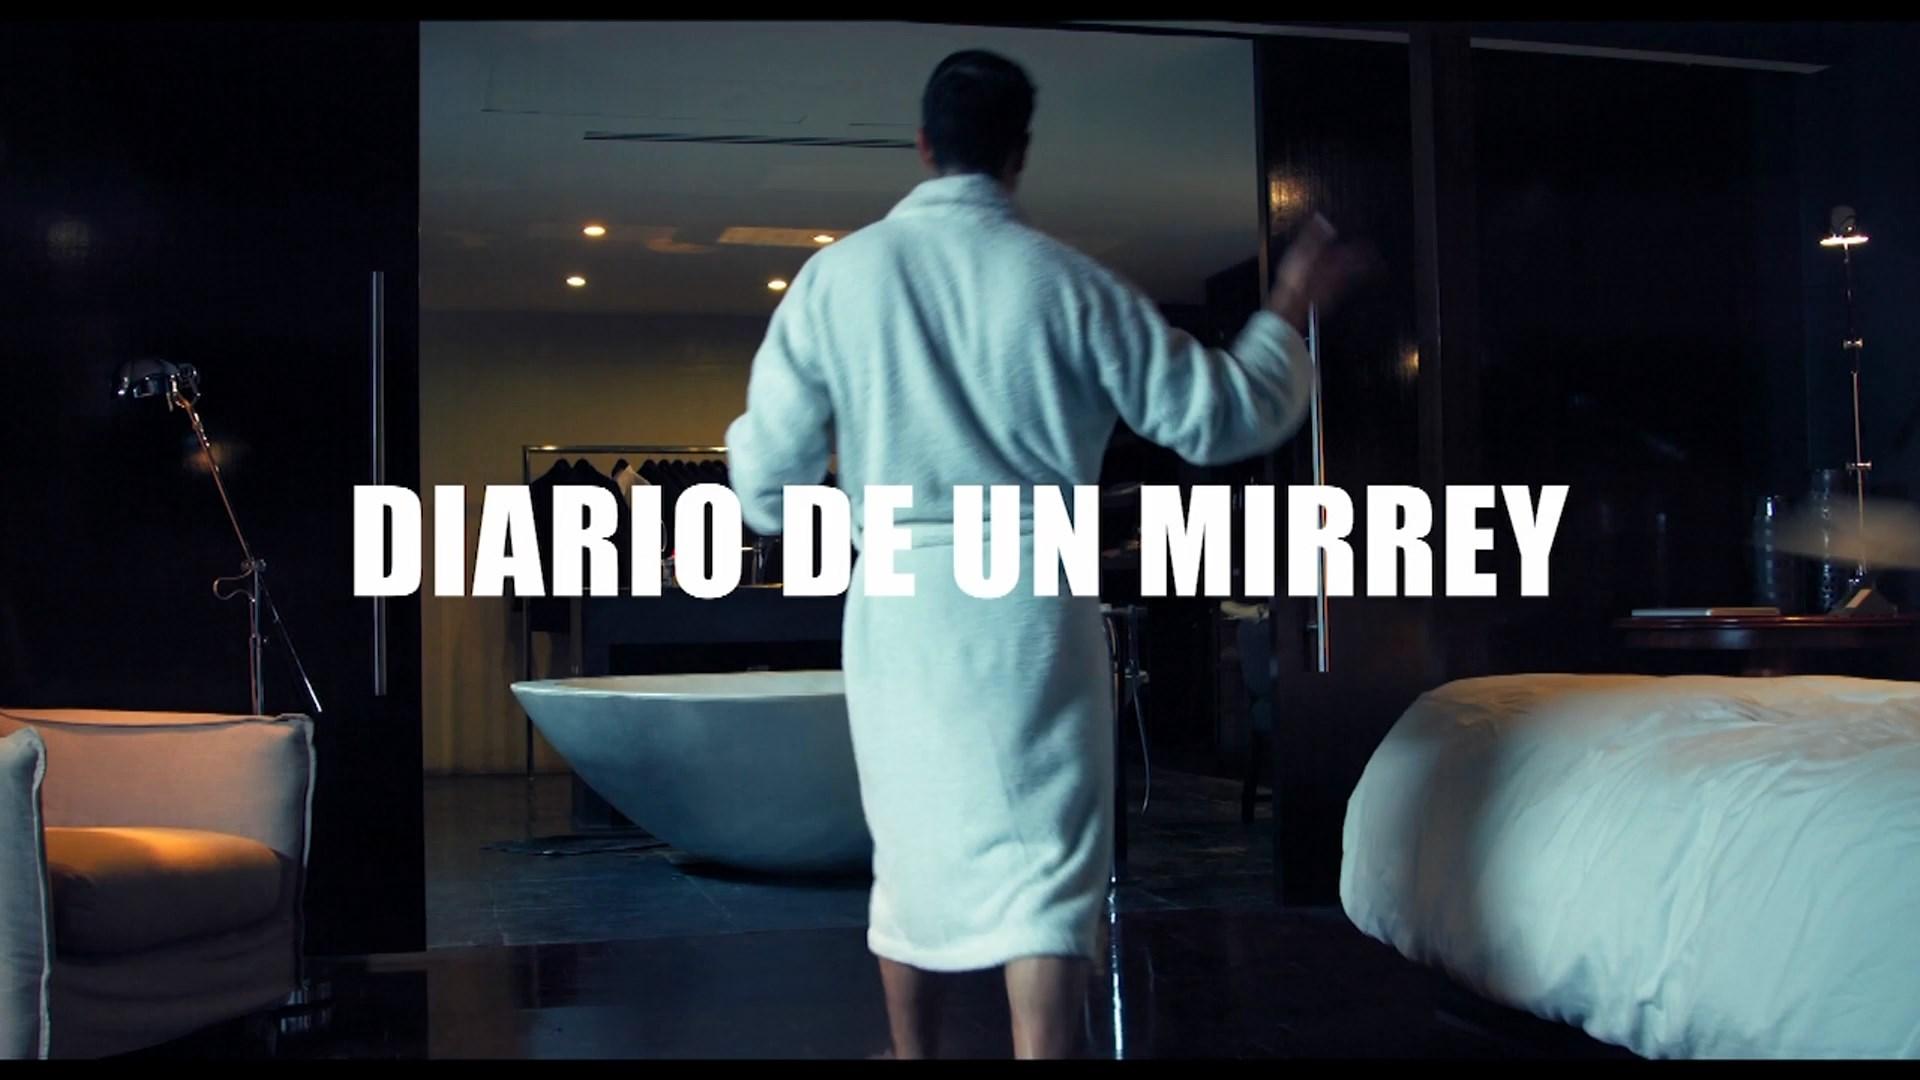 Diario de un mirrey (2017) 1080p WEB-DL Latino